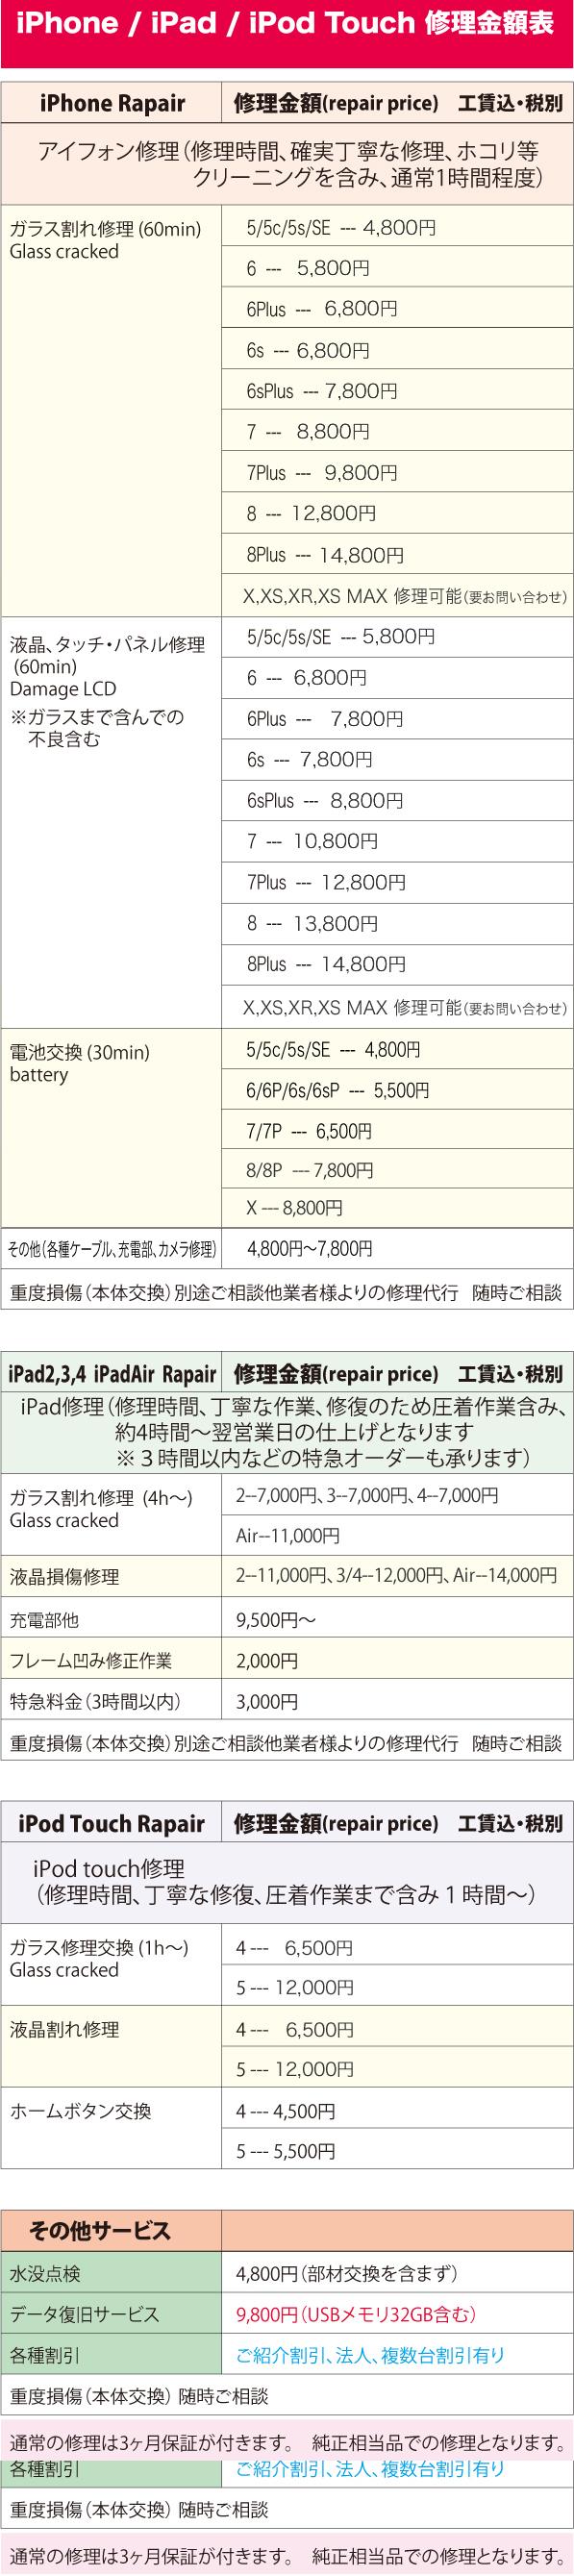 price190926 kisarazu.jpg